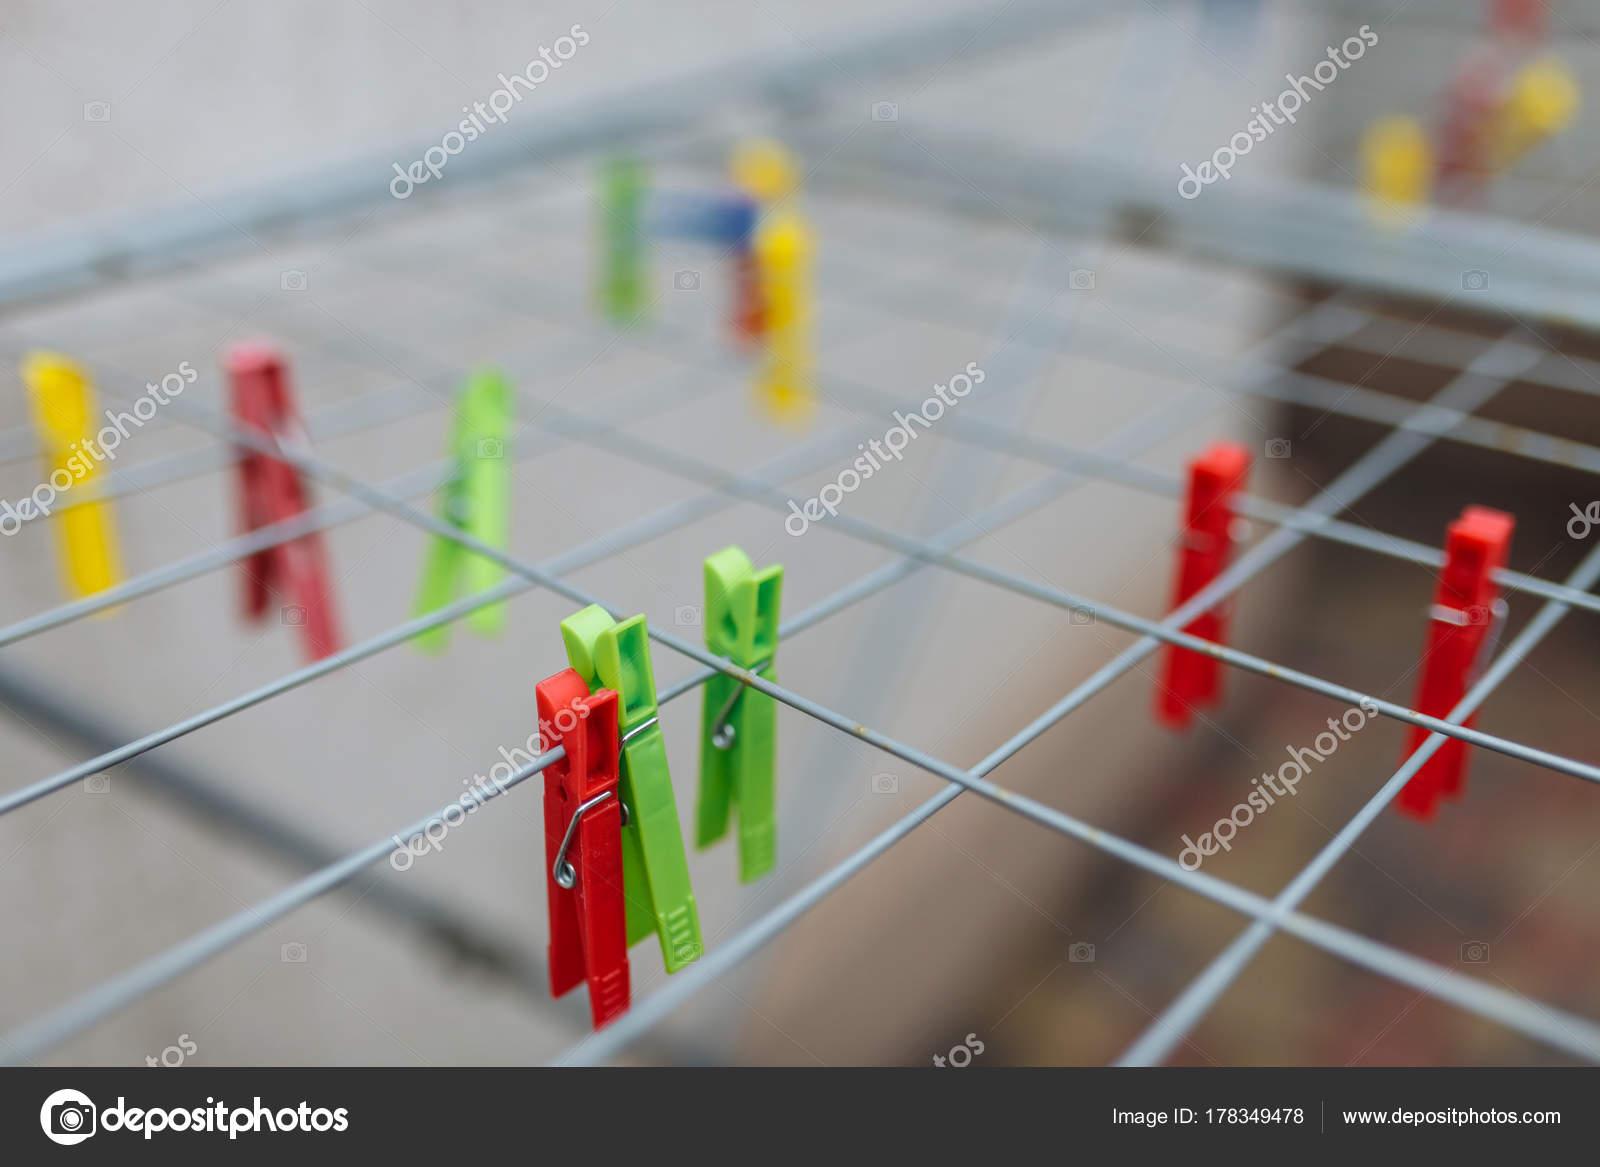 Kunterbunt rot gelb grün und blau wäscheklammern rack